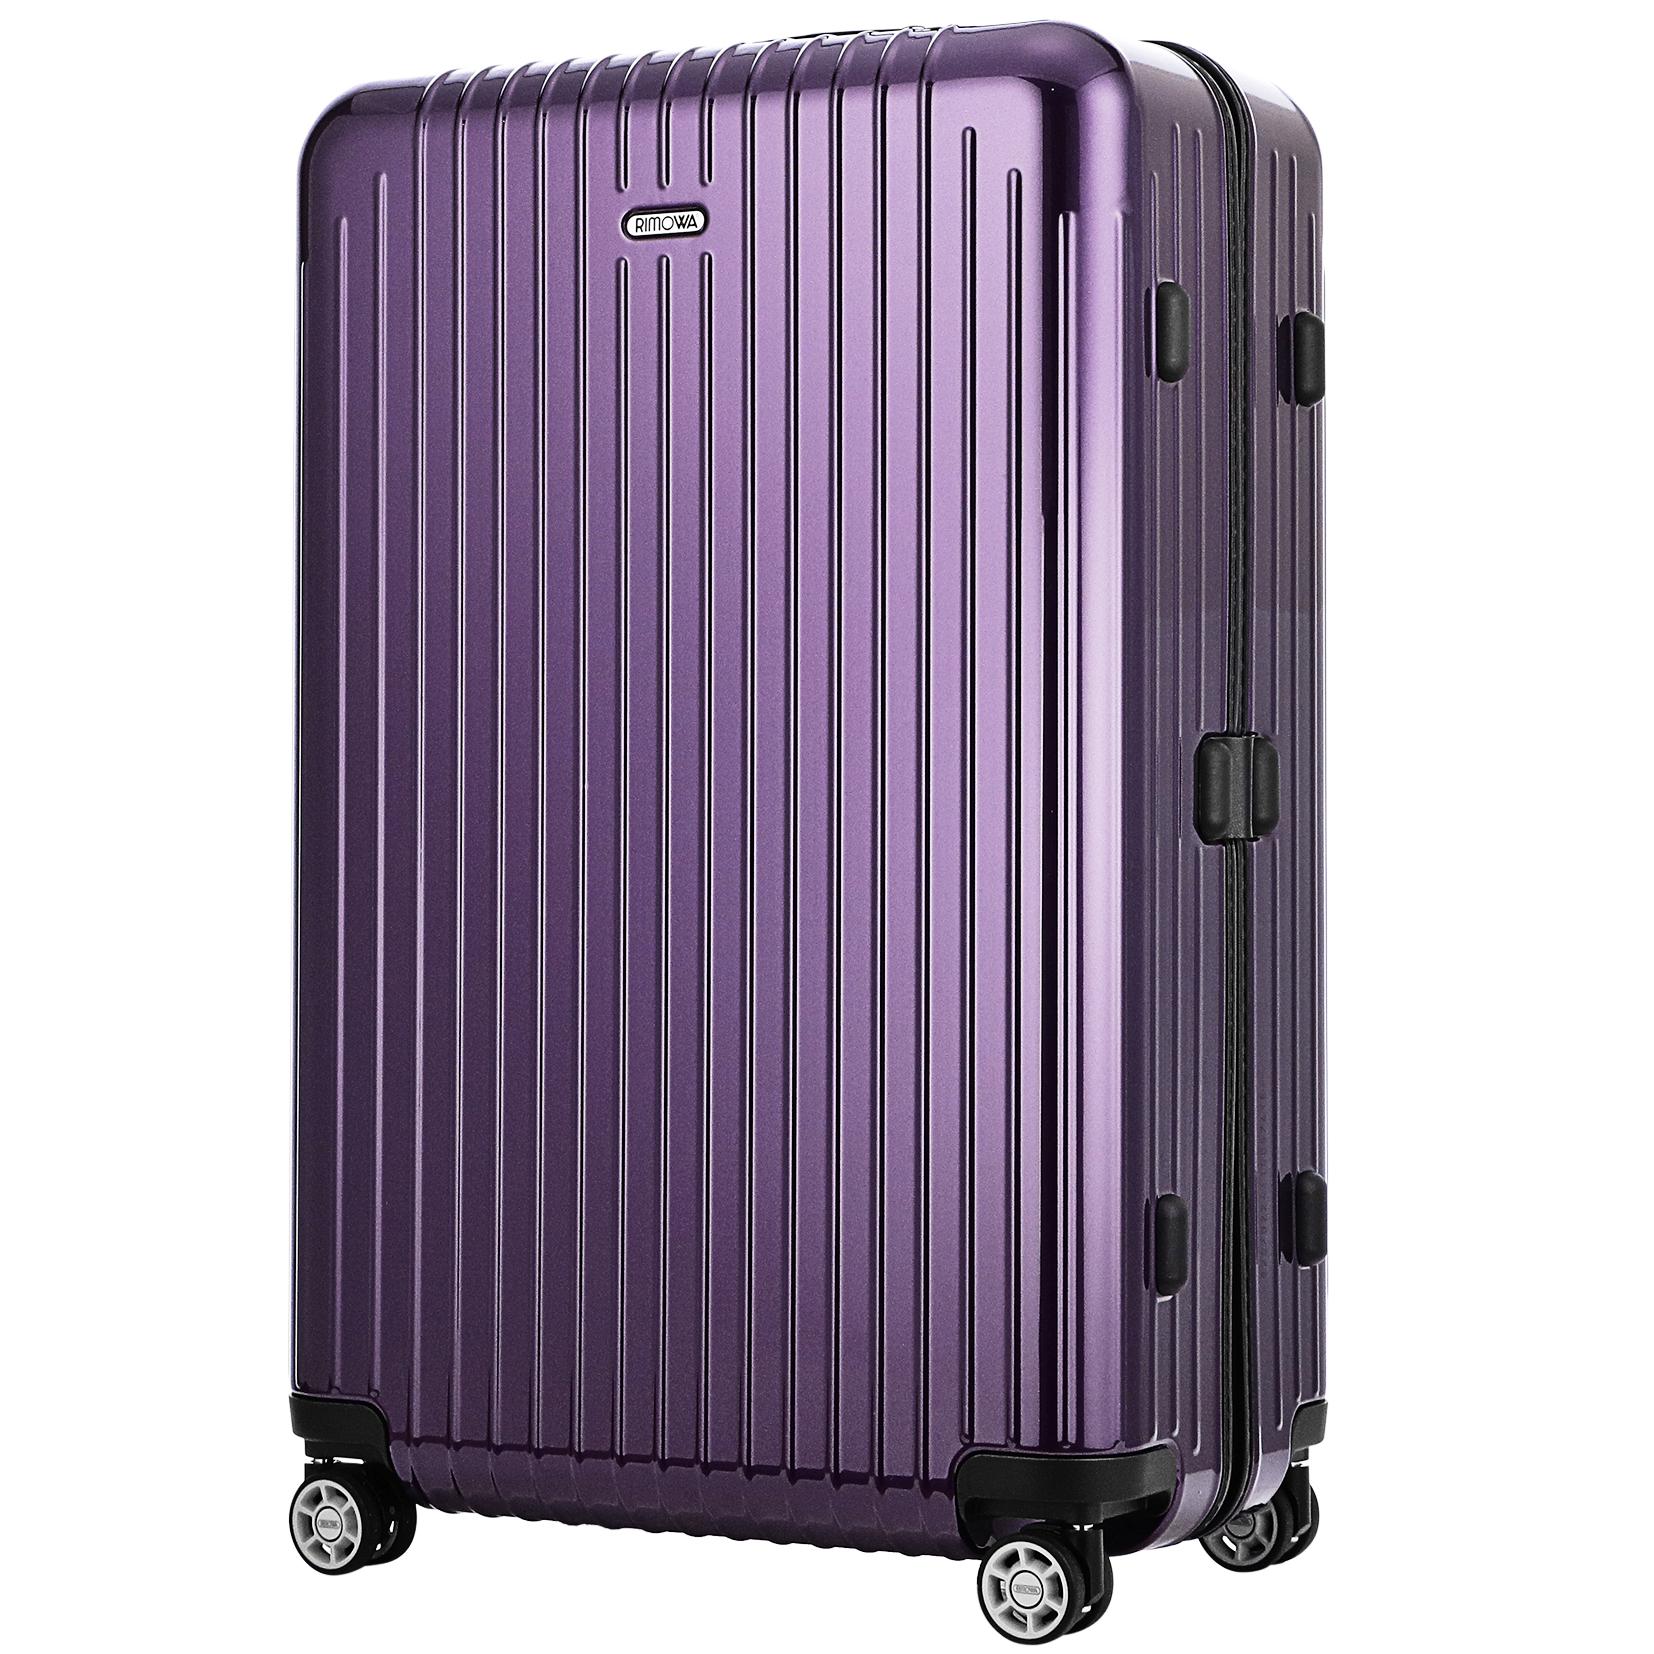 【お取り寄せ】【送料無料】リモワ RIMOWA スーツケース サルサエア- 820.70.22.4 80L 3.2kg バイオレット 4泊~7泊 TSAロック 機内持ち込み不可